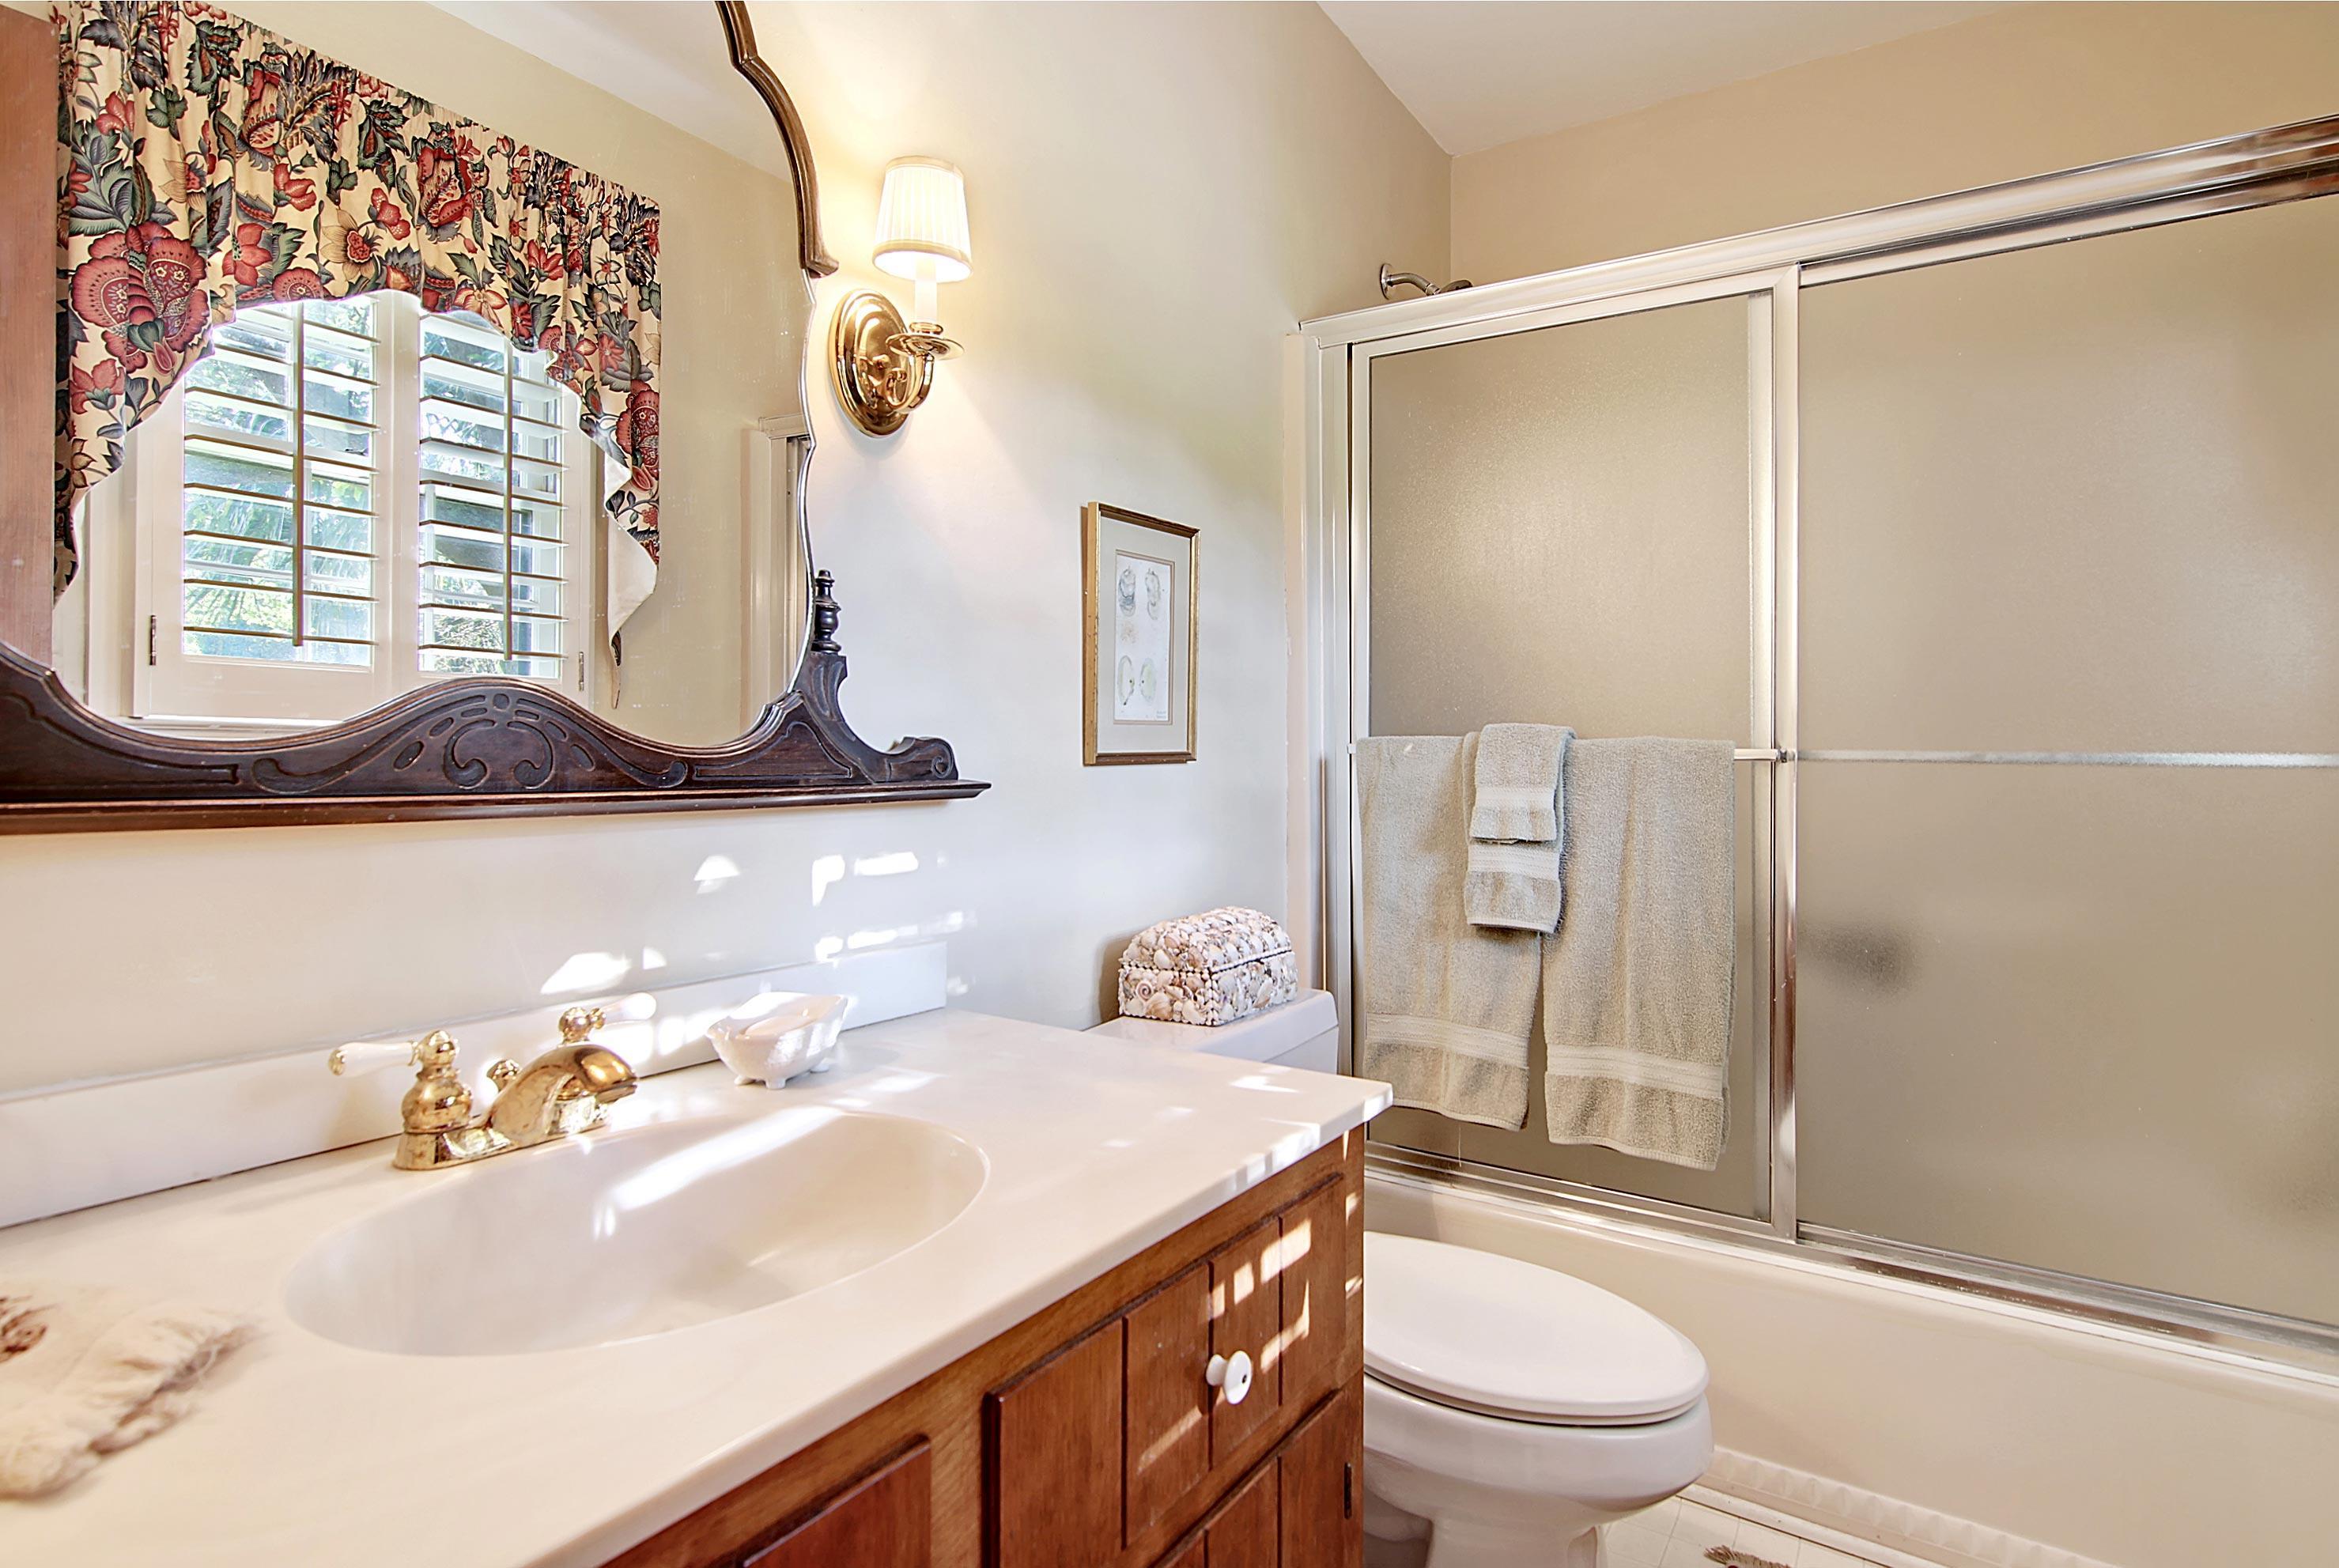 Snee Farm Homes For Sale - 913 Austin, Mount Pleasant, SC - 2